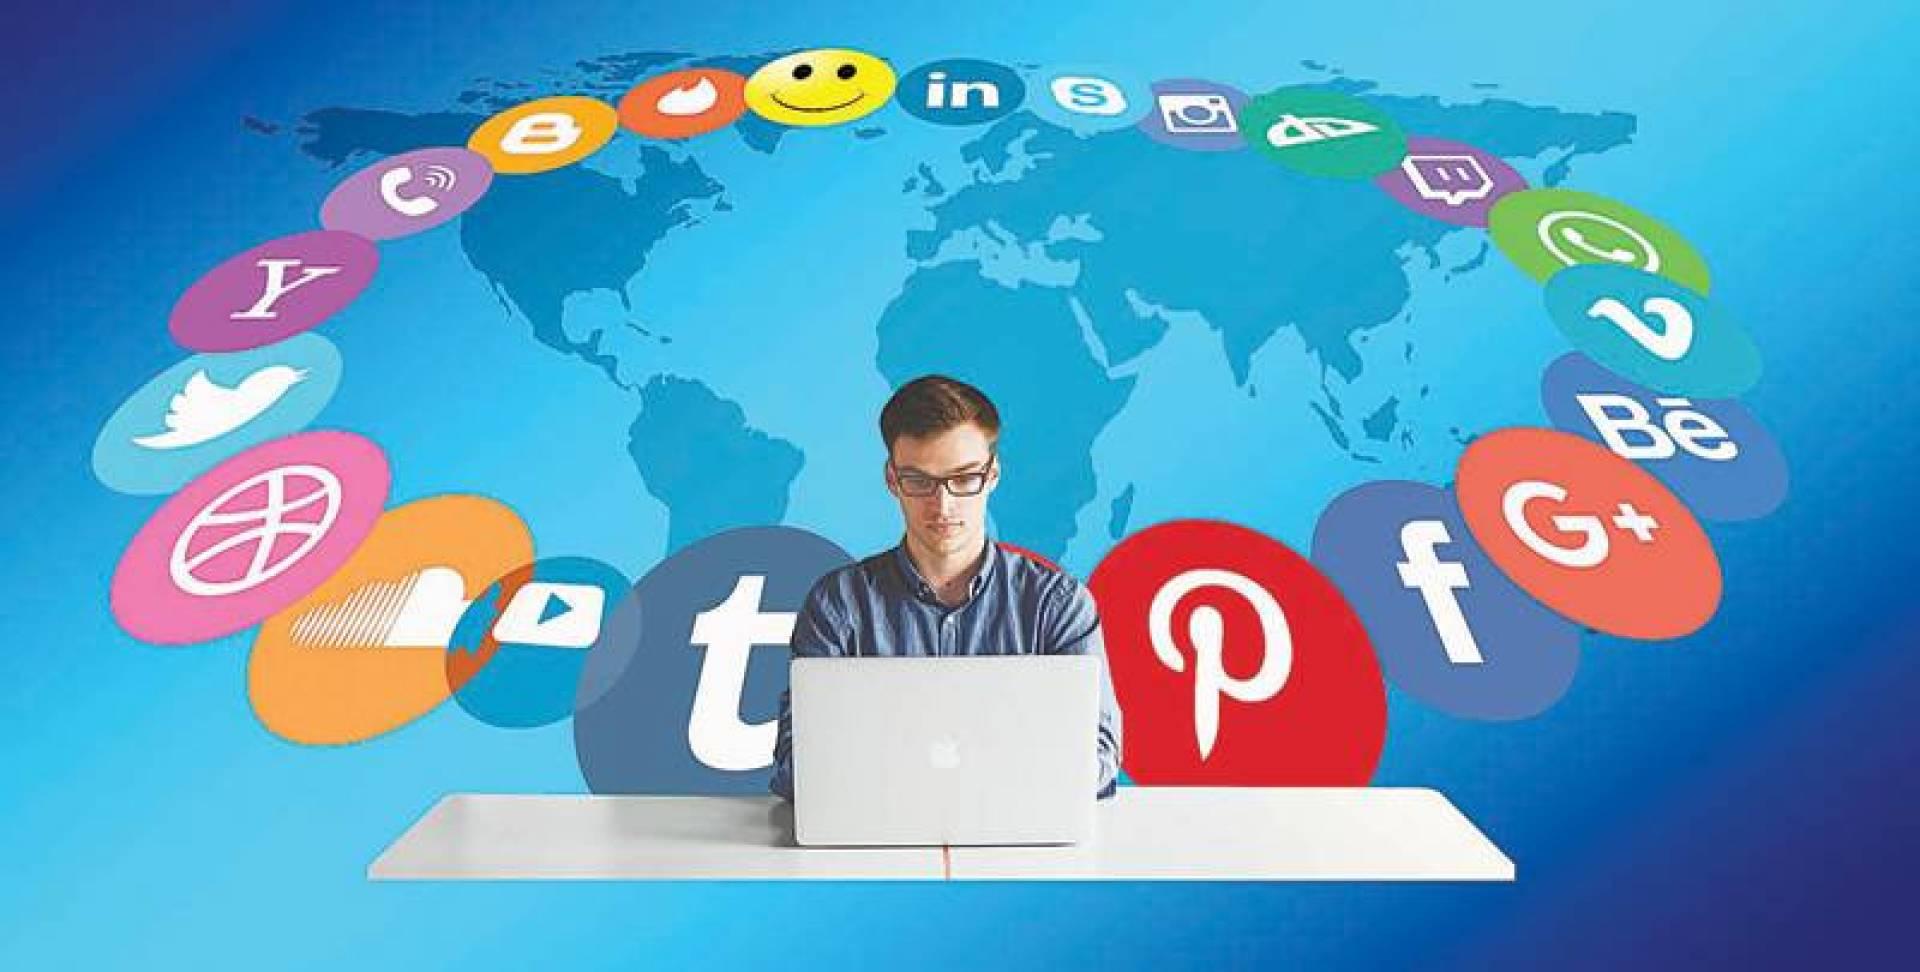 تأثير مواقع التواصل الاجتماعي على السوق العقاري